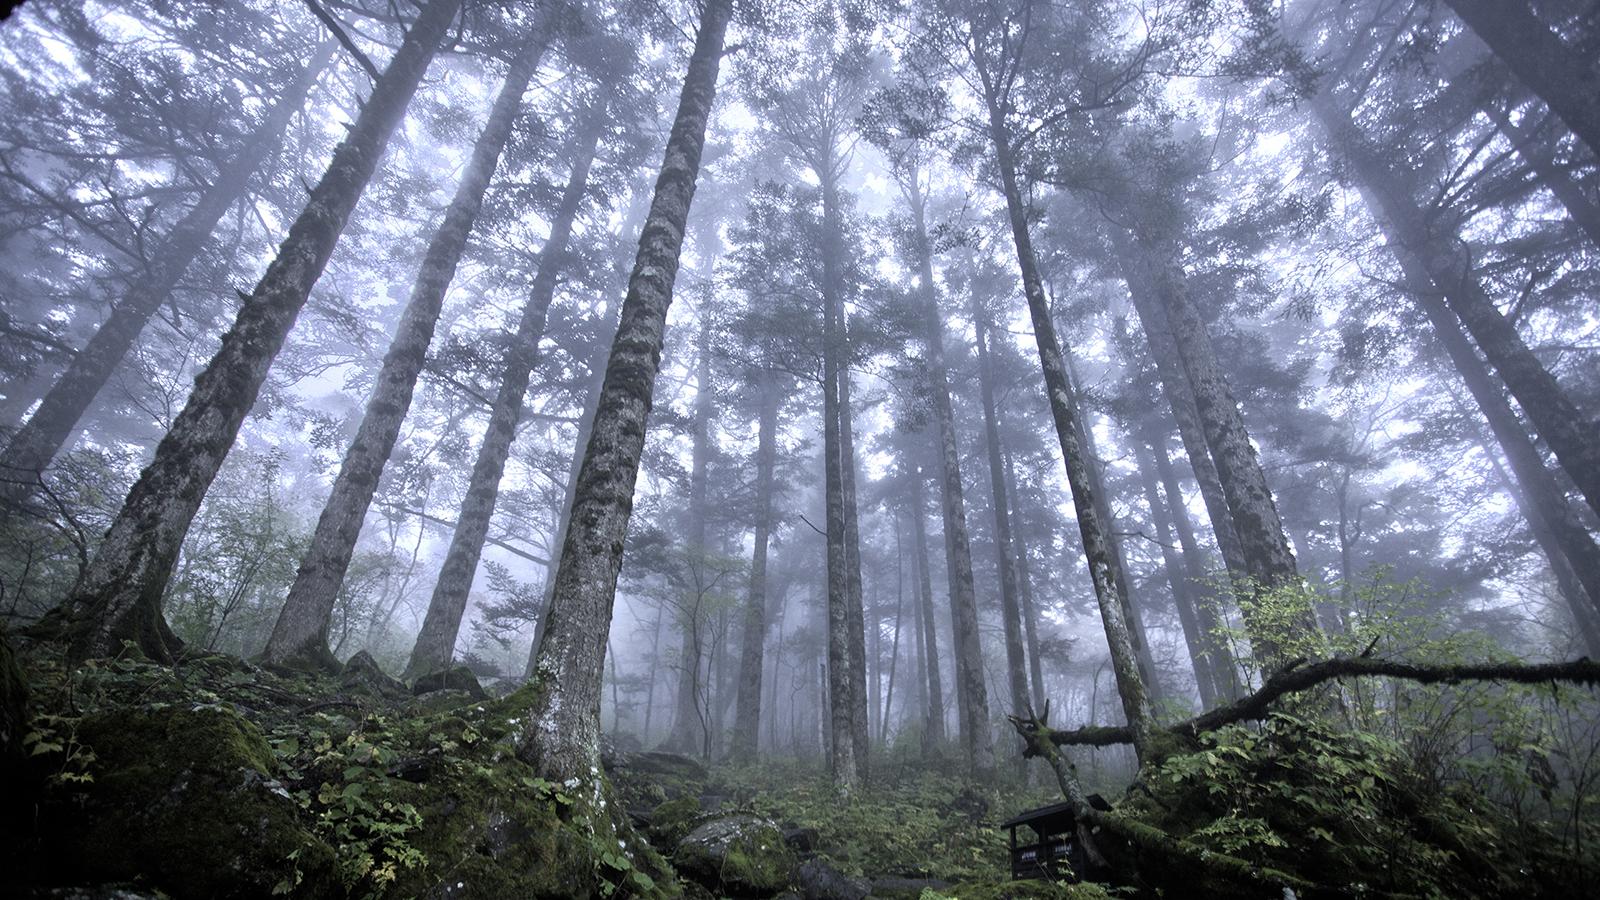 Au cœur de la forêt vierge de Shennongjia, au Hubei, en Chine - © Evilbish